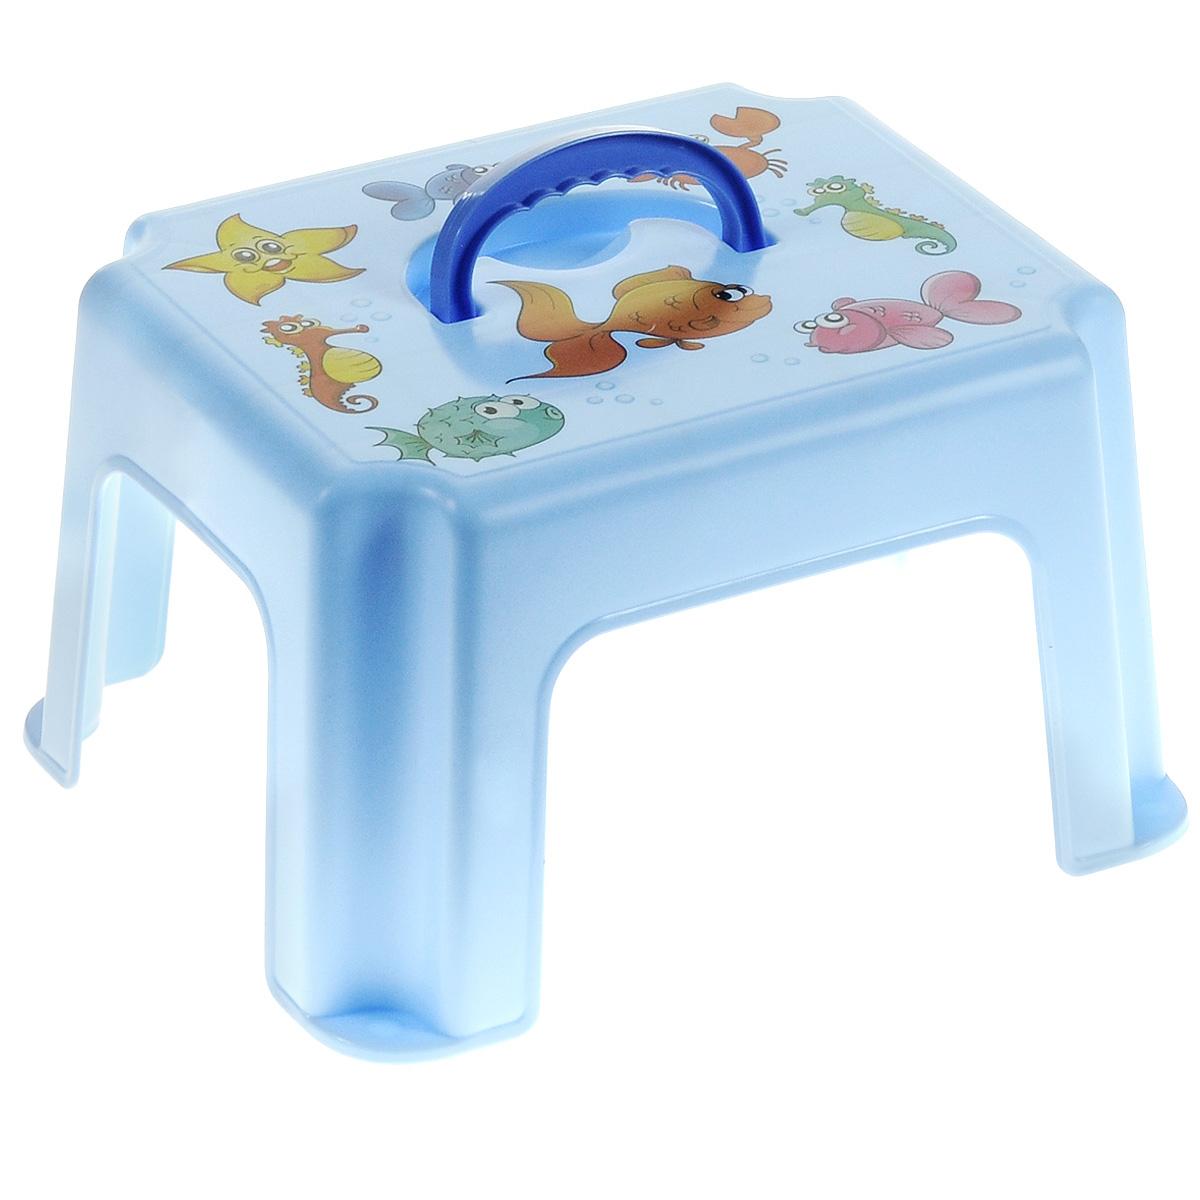 Табурет-подставка детский, с ручкой, цвет: голубойFS-80264Табурет-подставка Idea изготовлен из высококачественного прочного пластика, оформленного красочными изображениями, которые привлекут внимание ребенка. Изделие предназначено для детей, можно использовать и как стульчик, и как подставку для игрушек. Очень удобный аксессуар для мам и малышей. Табурет оснащен ручкой для удобной переноски.